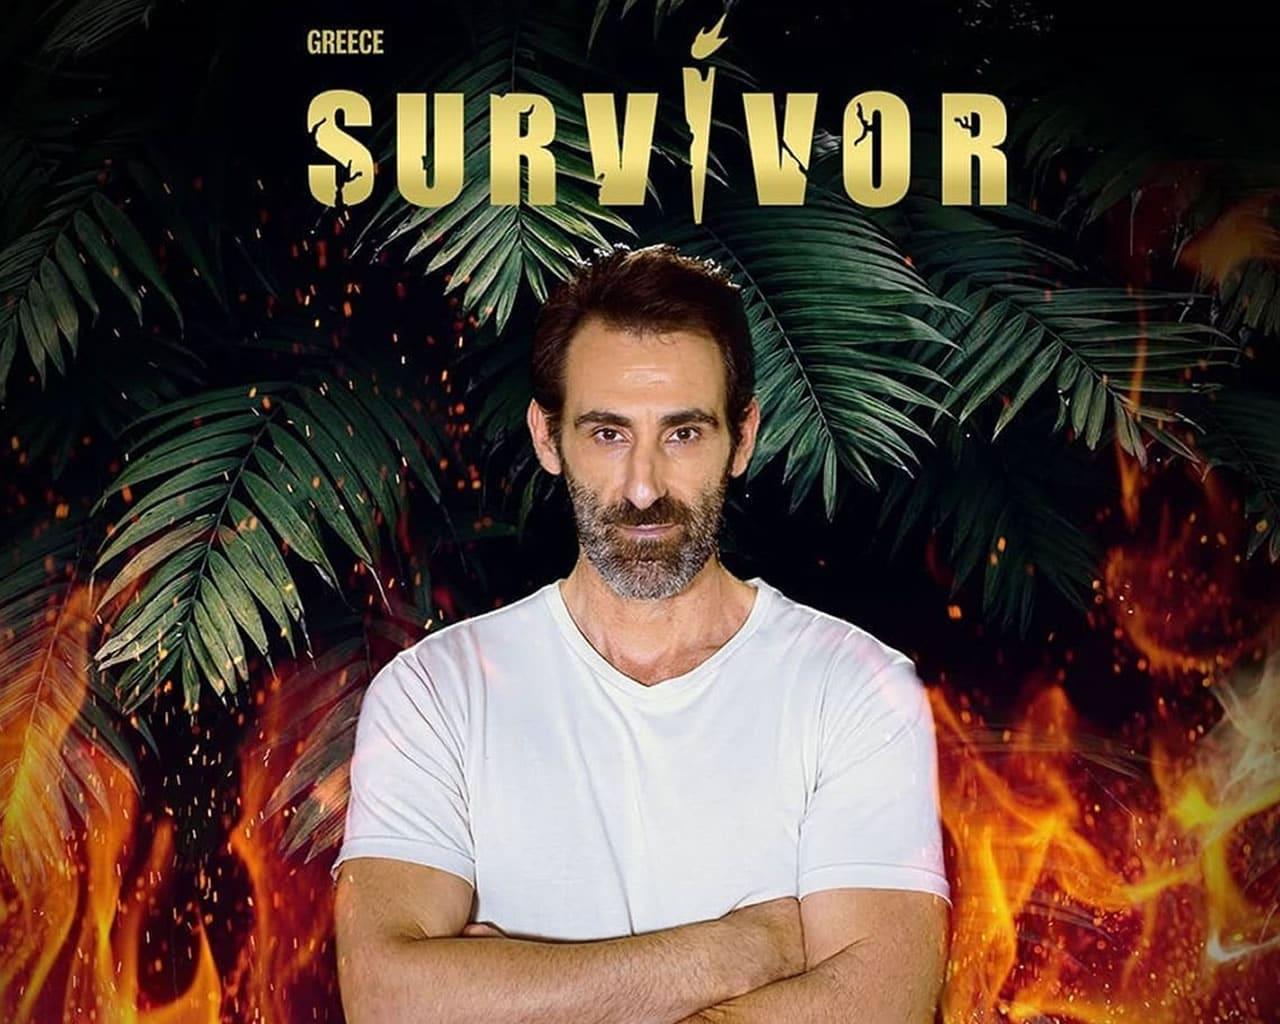 Survivor: Ποιος πιστεύει ότι ο Γιώργος Κοψιδάς θα φτάσει στον τελικό